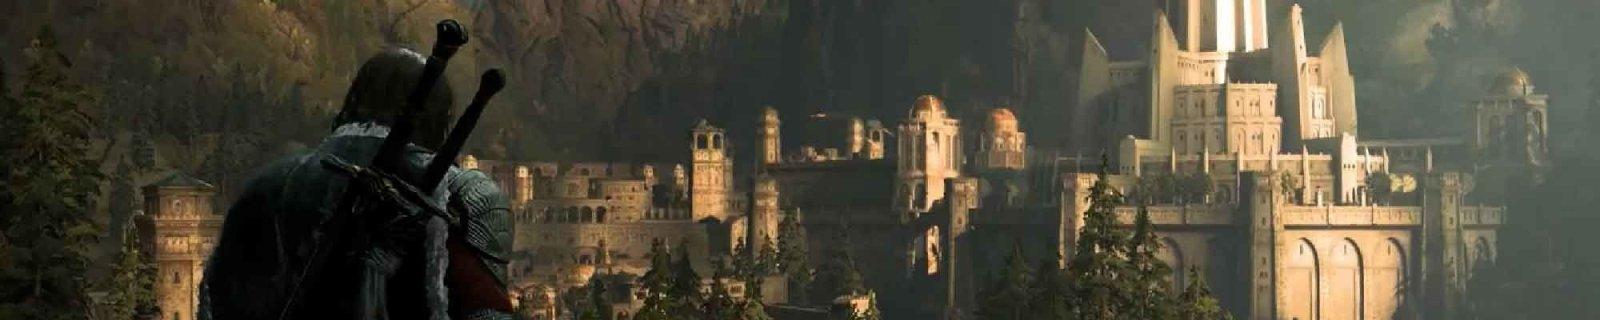 《中土世界:暗影之战》IGN First试玩视频